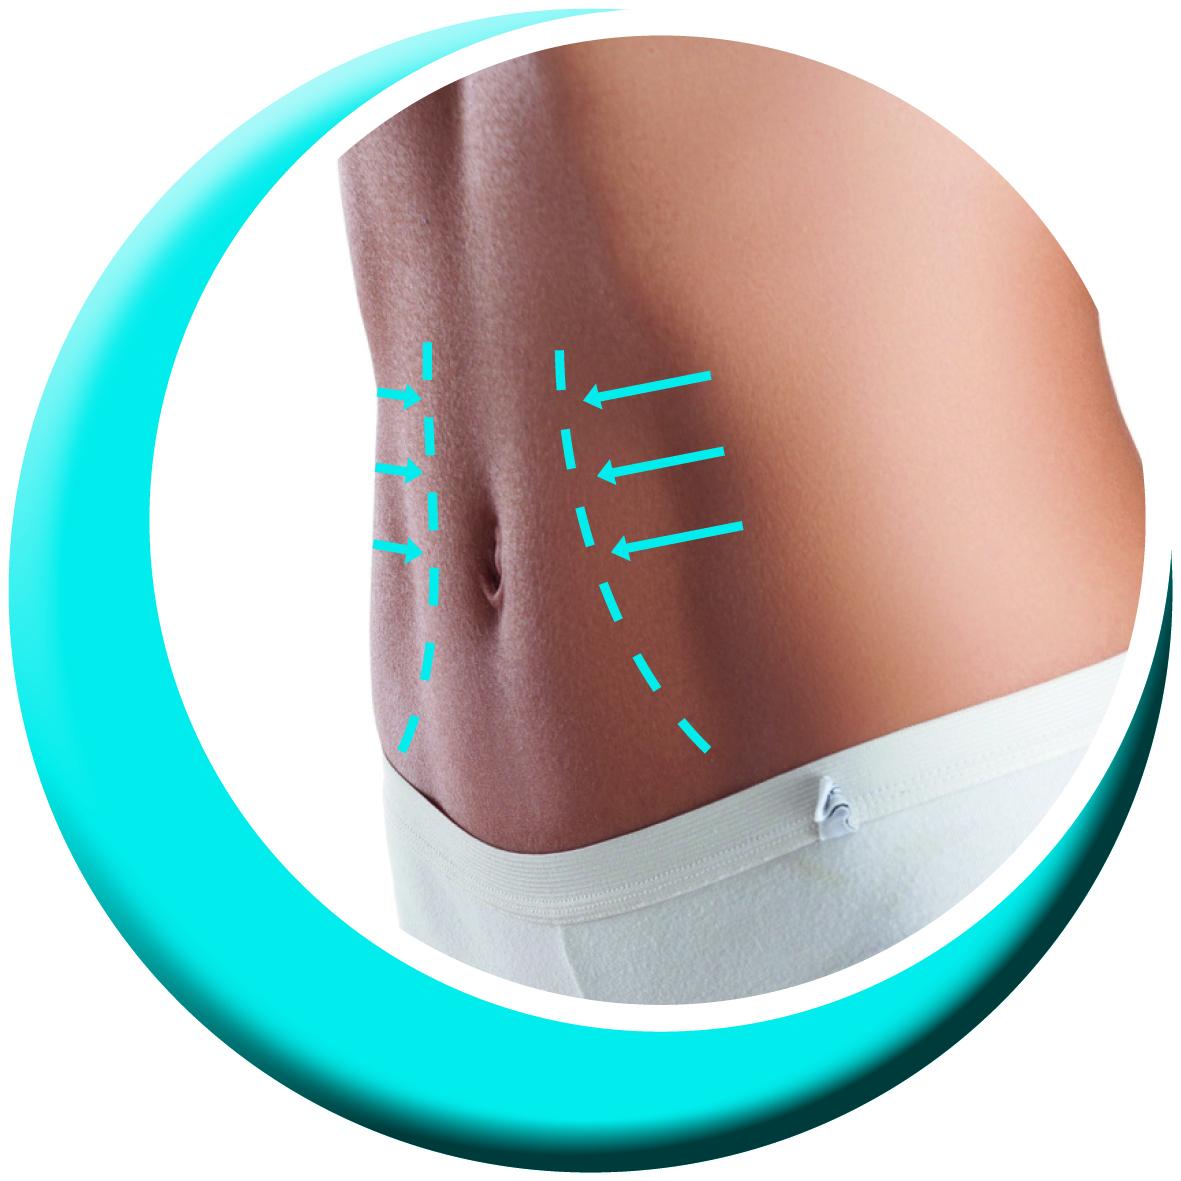 3D-Lipomed demnächst verfügbar